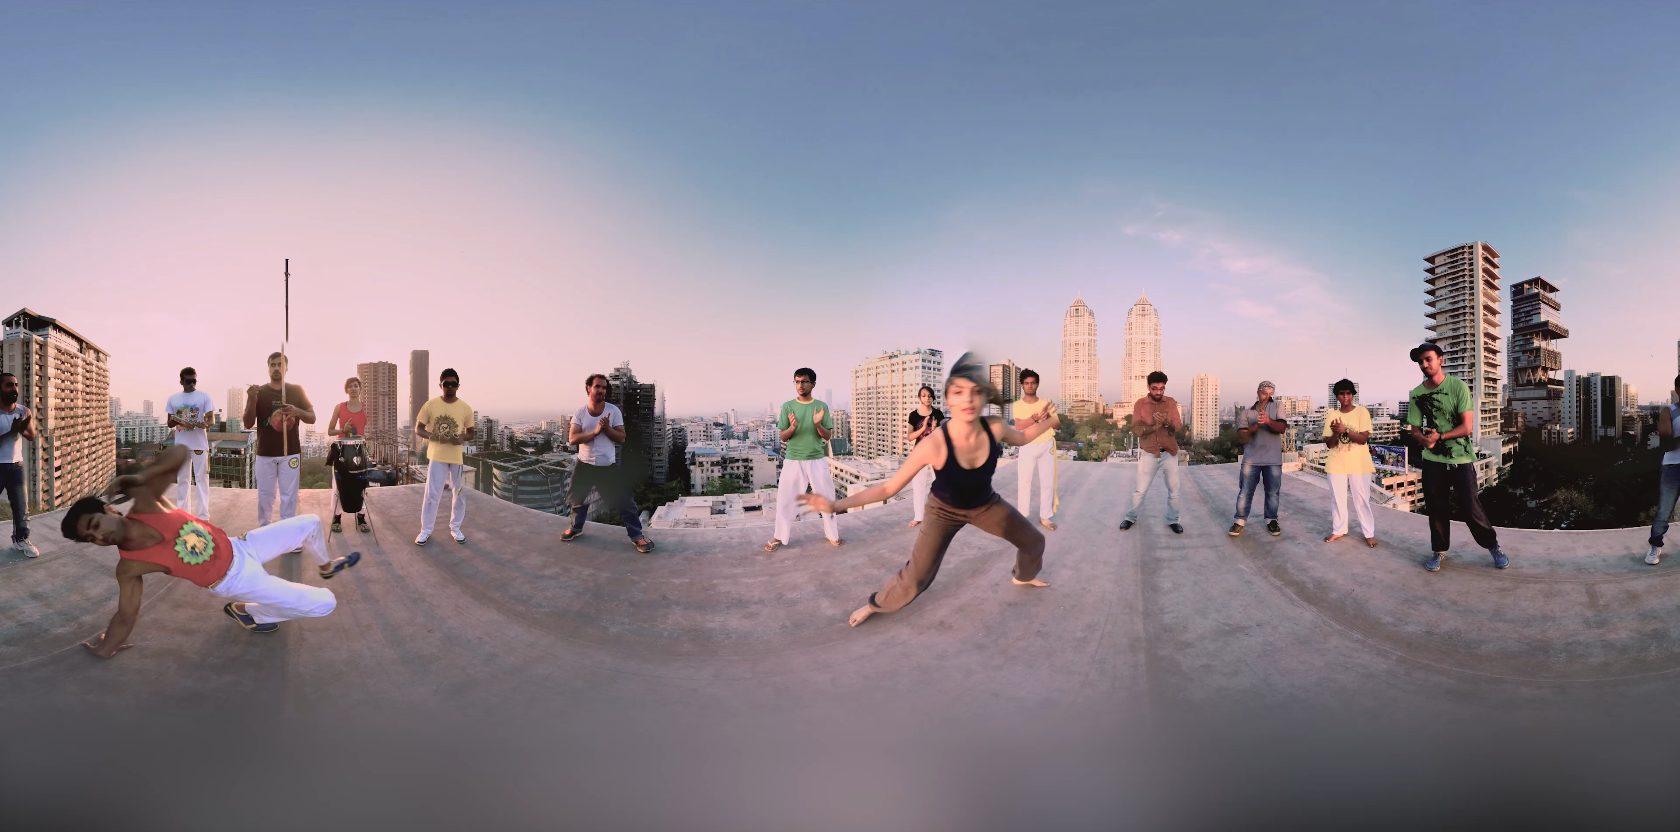 Panoramic shot of people dancing.